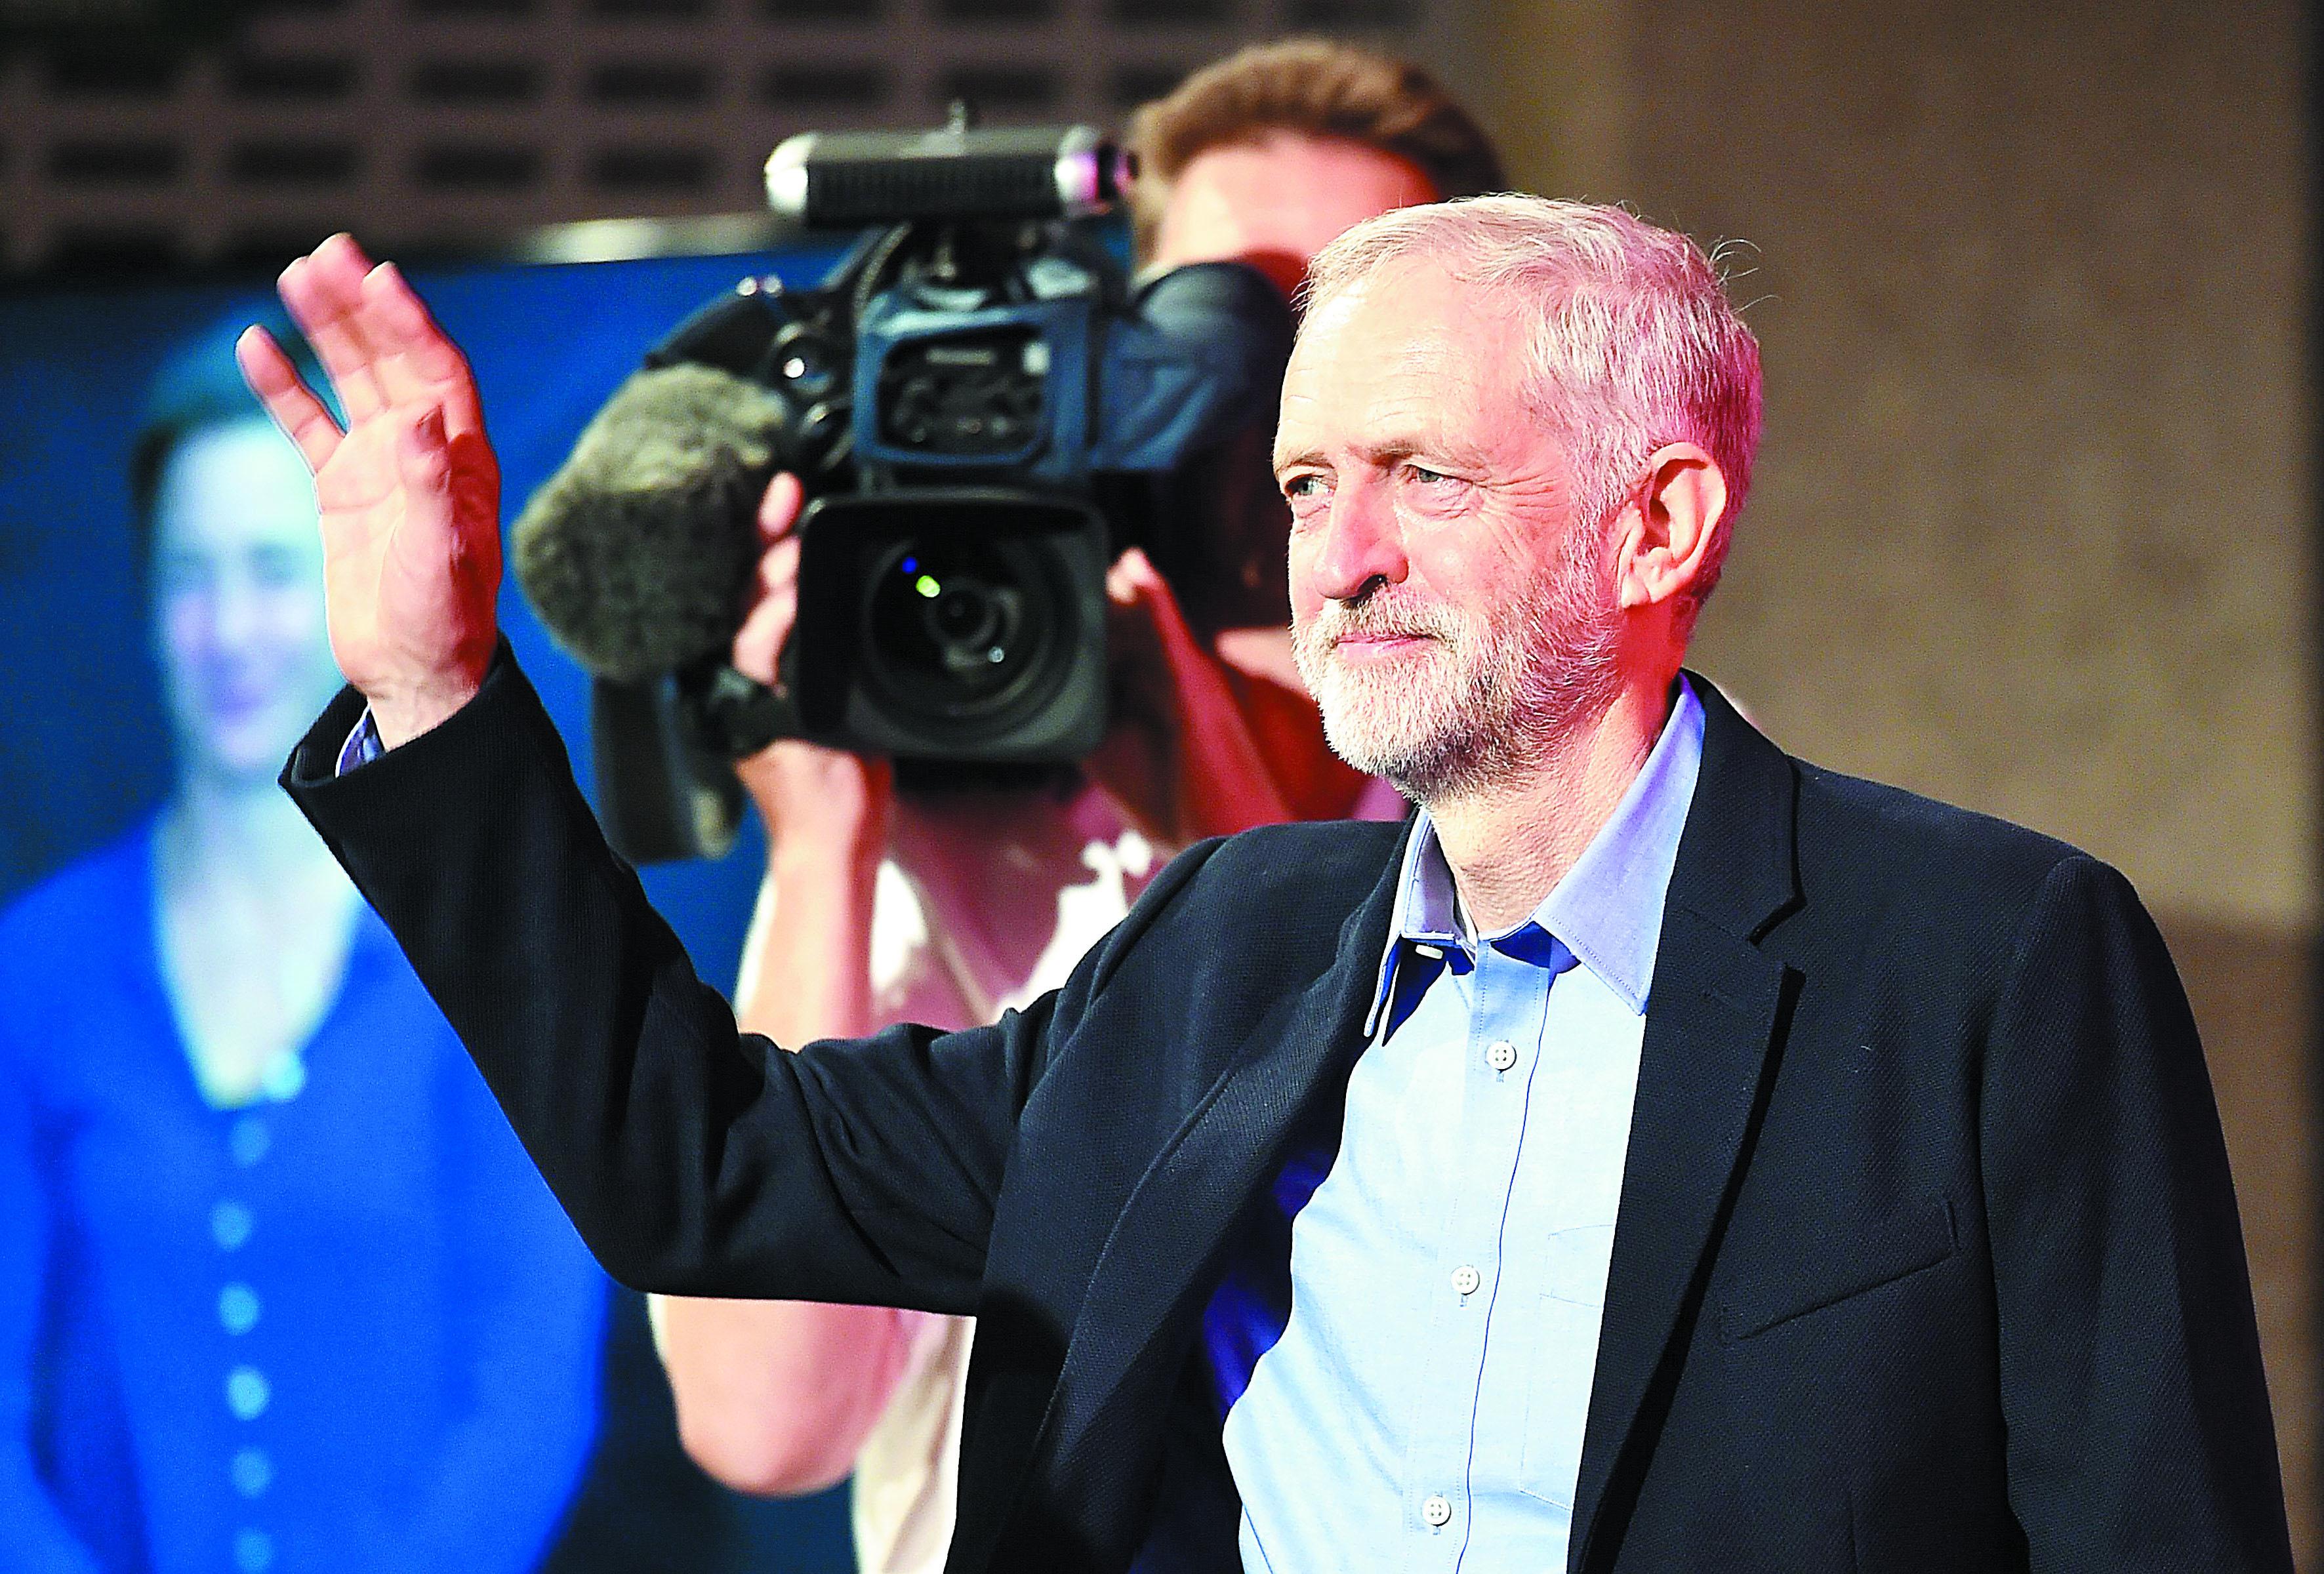 L'élection de Jeremy Corbyn, un pied de nez au pragmatisme britannique